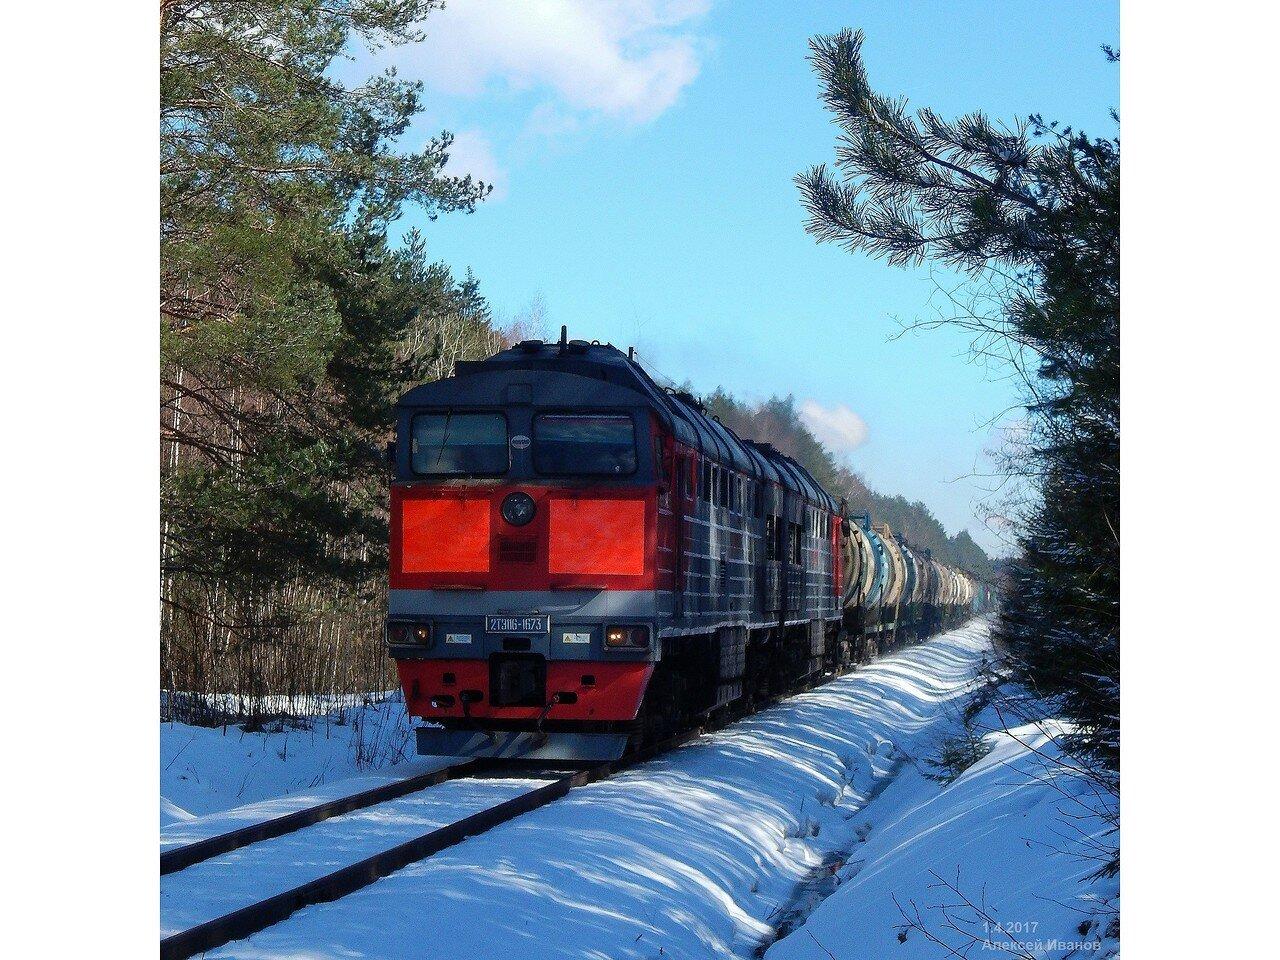 Поездка Кашин - Савёлово, апрель 2017г. 0_1723b0_90a2f515_XXXL